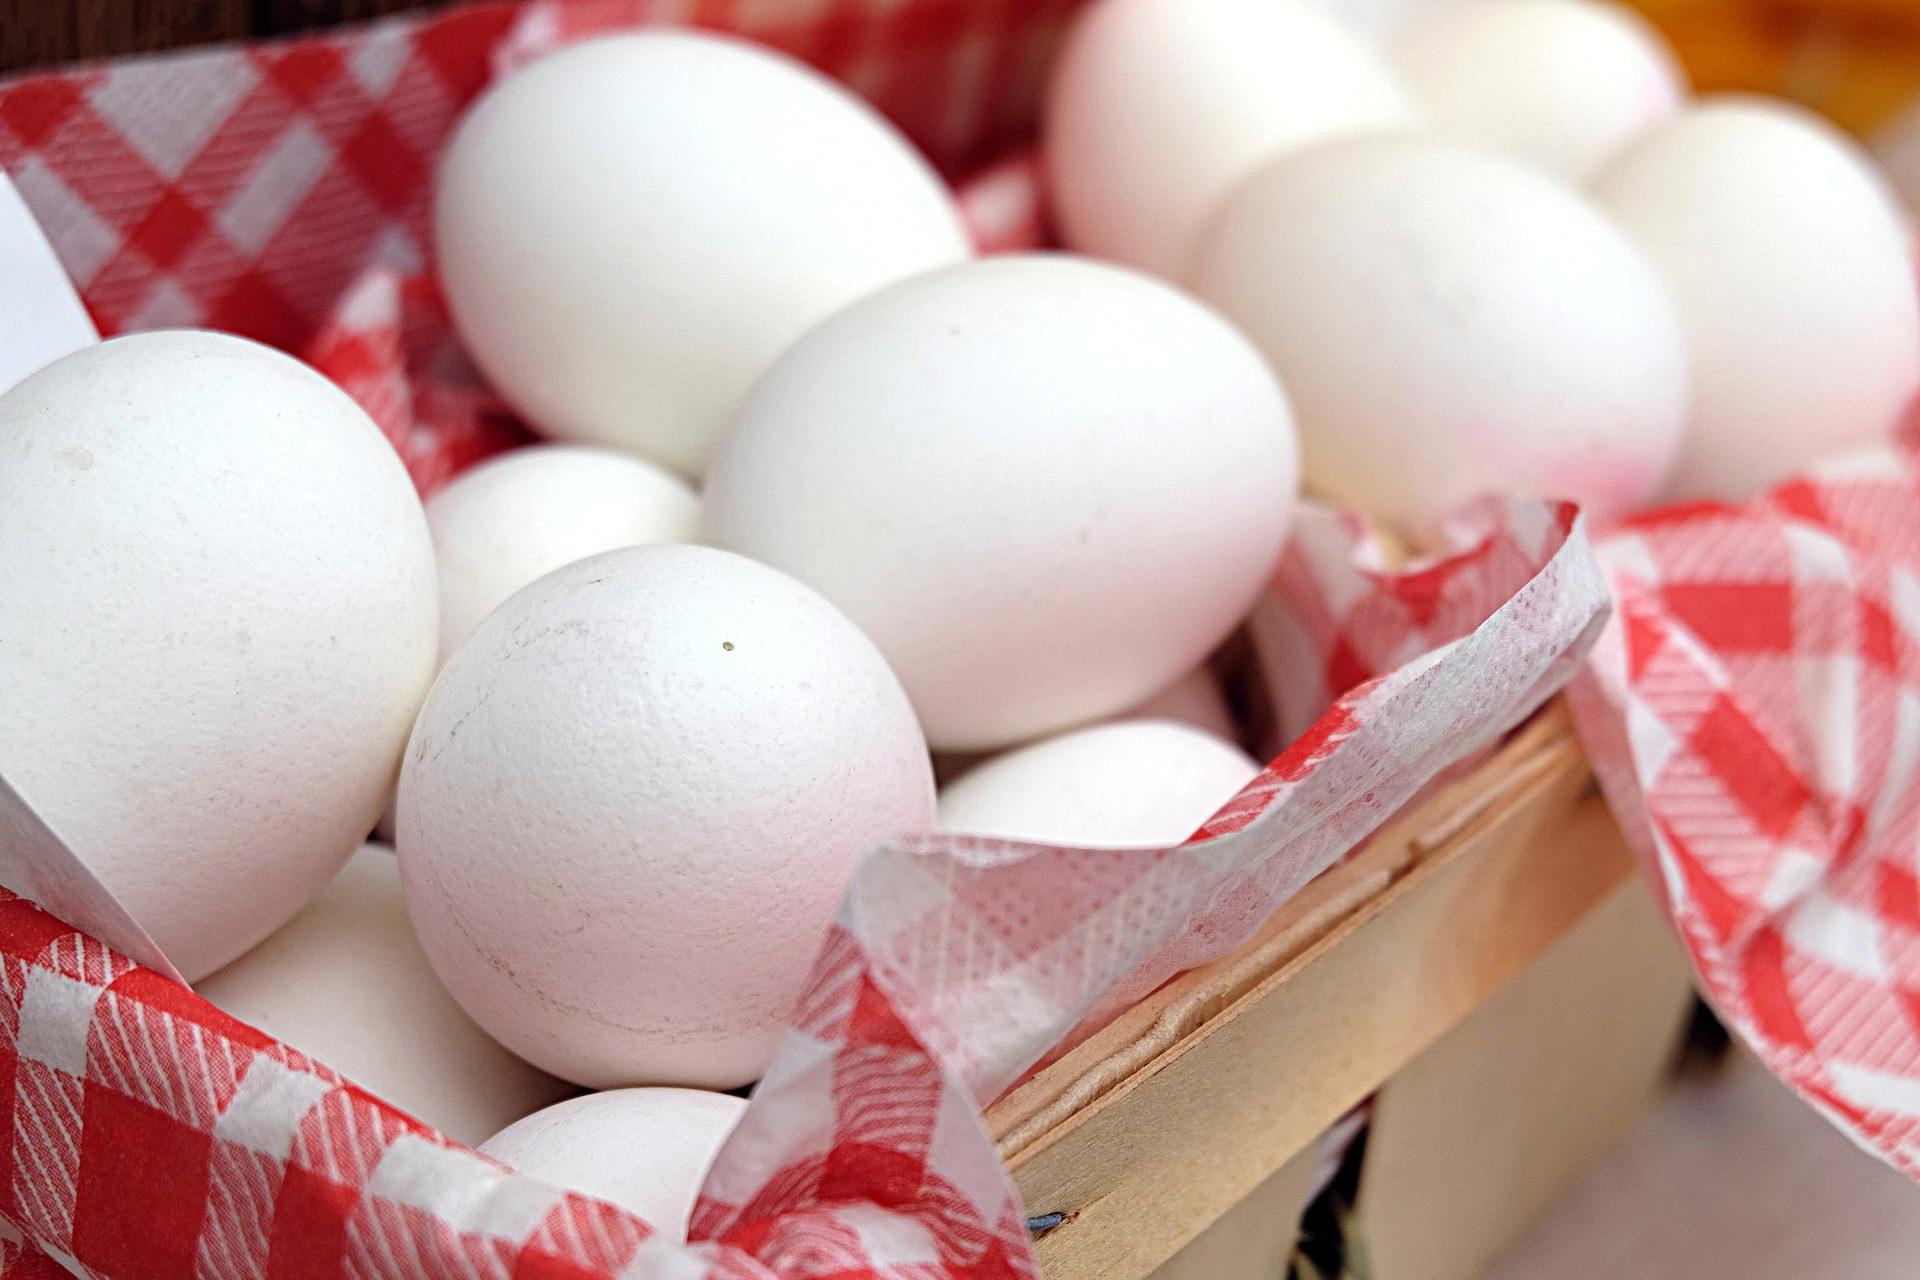 「雞蛋可以冷凍嗎?」日本最夯的蛋料理,冷凍蛋更濃郁好吃!